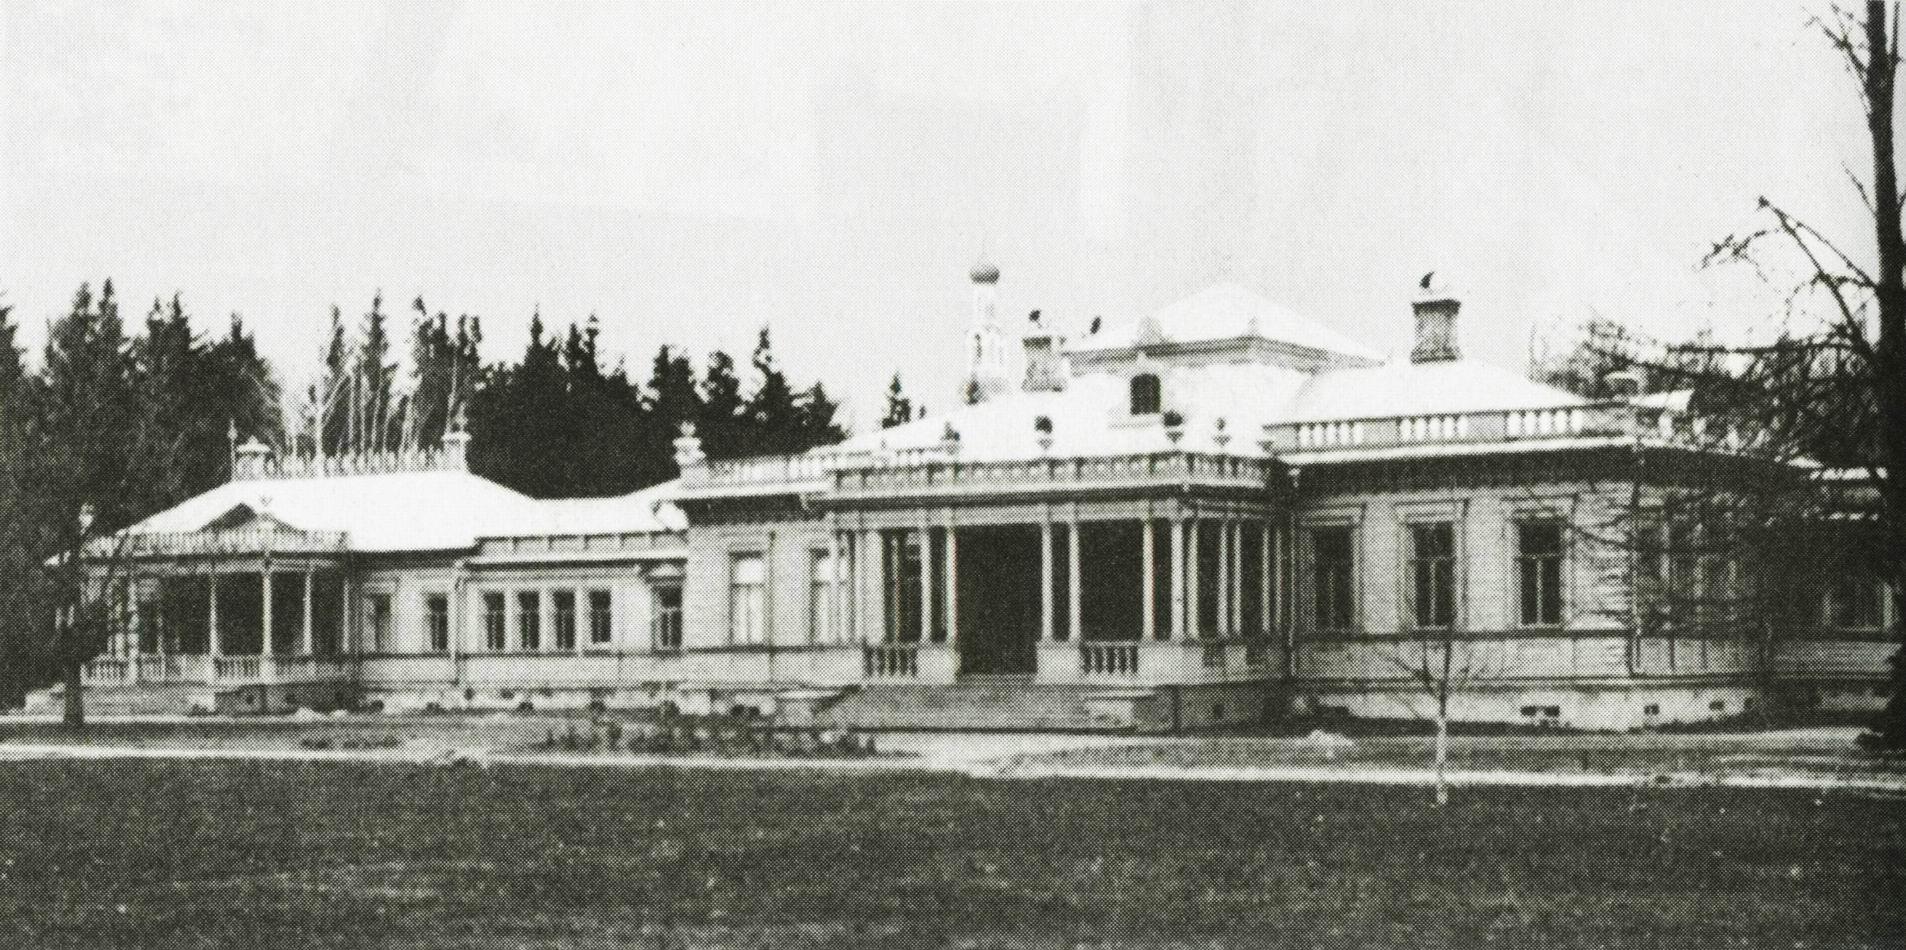 Город Королёв: история в фотографиях - Усадьба А.Н. Крафта в Костино